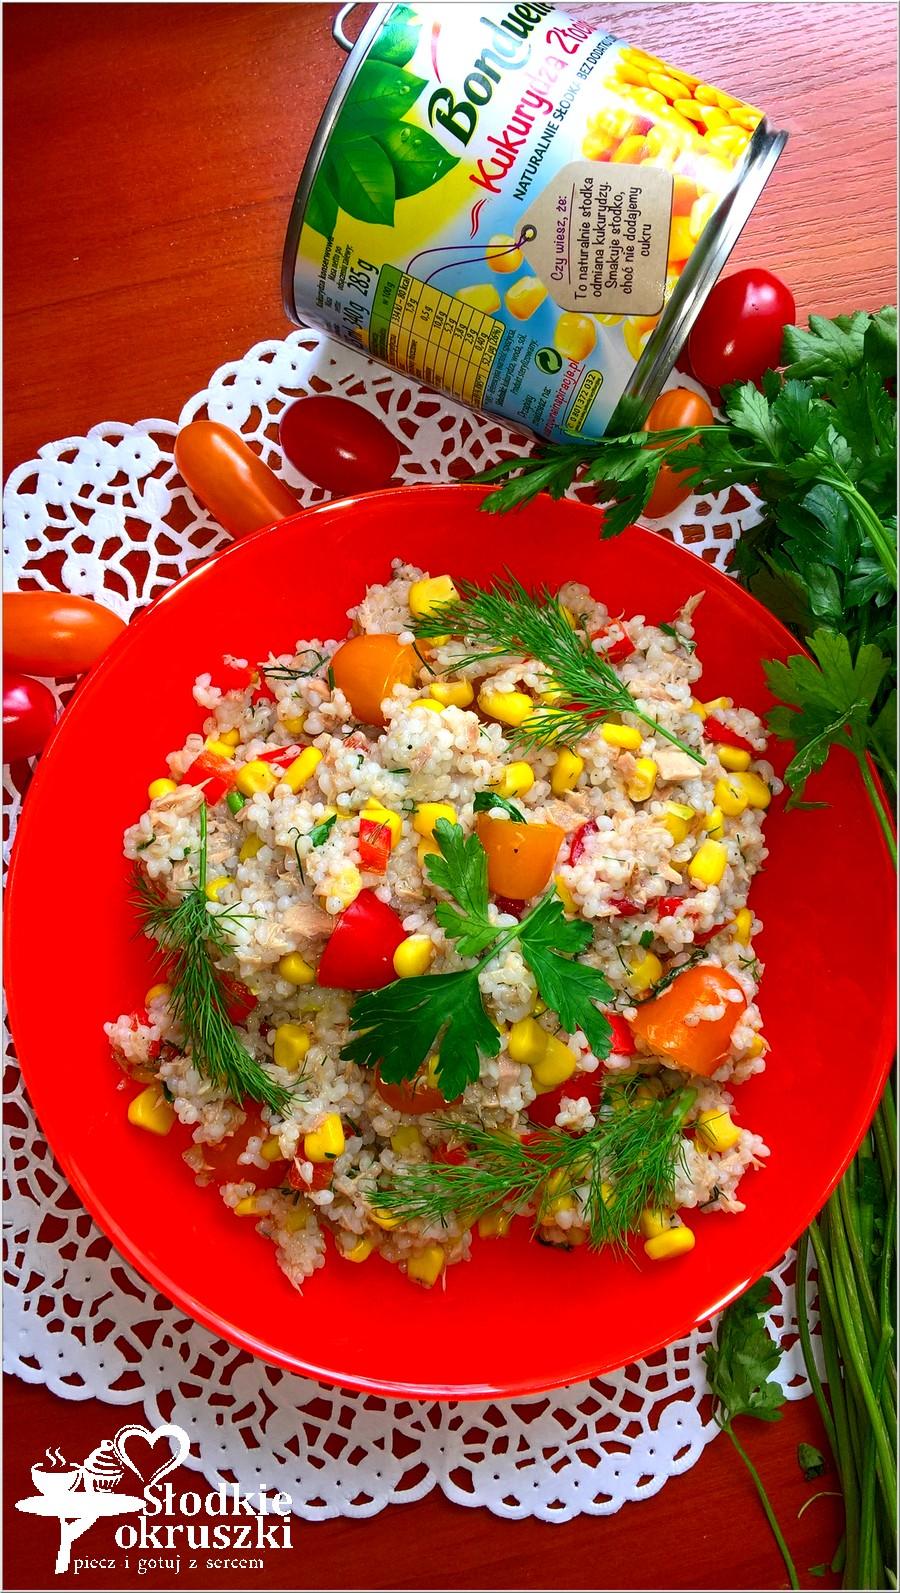 Sałatka na bazie kaszy jęczmiennej z tuńczykiem, kukurydzą, papryką i pomidorkami paprykowymi